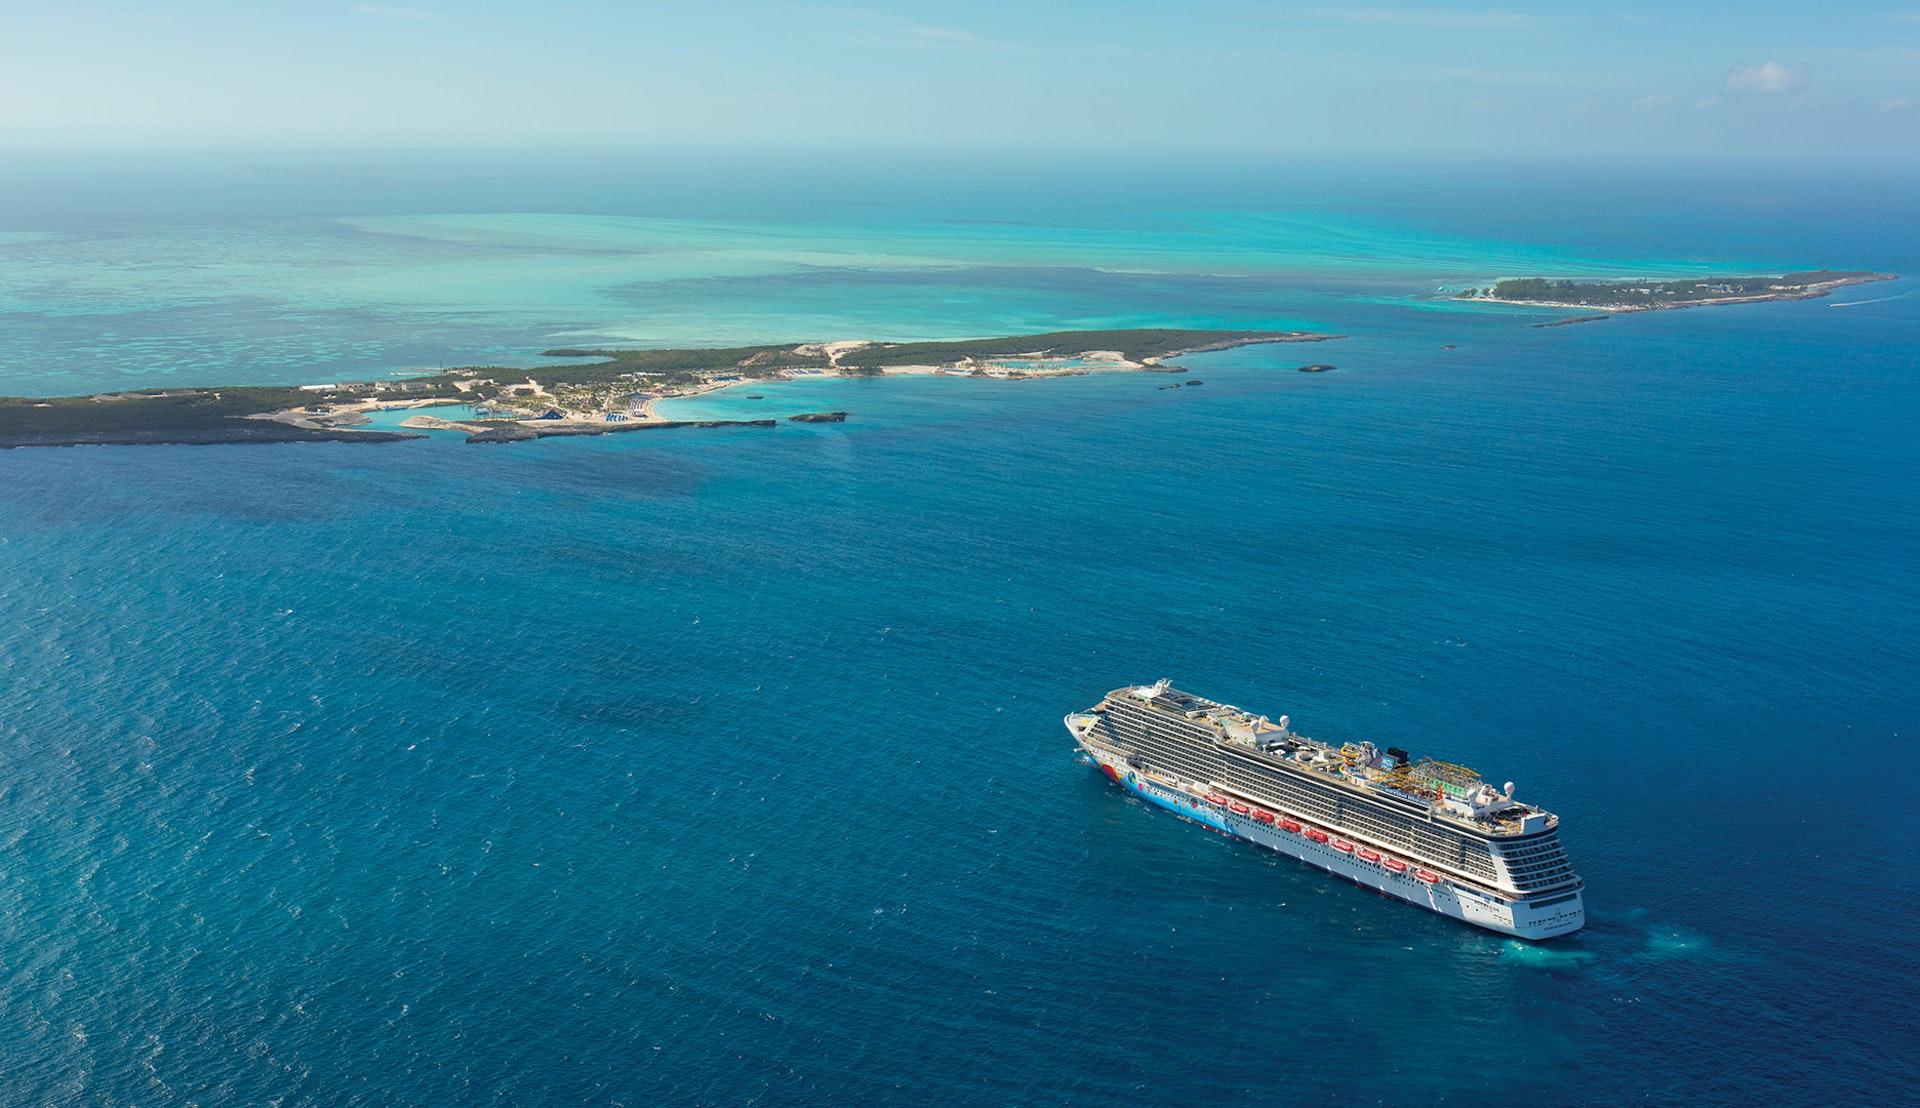 Norwegian Breakaway kryssar fram mot flera mindre öar i Karibien.